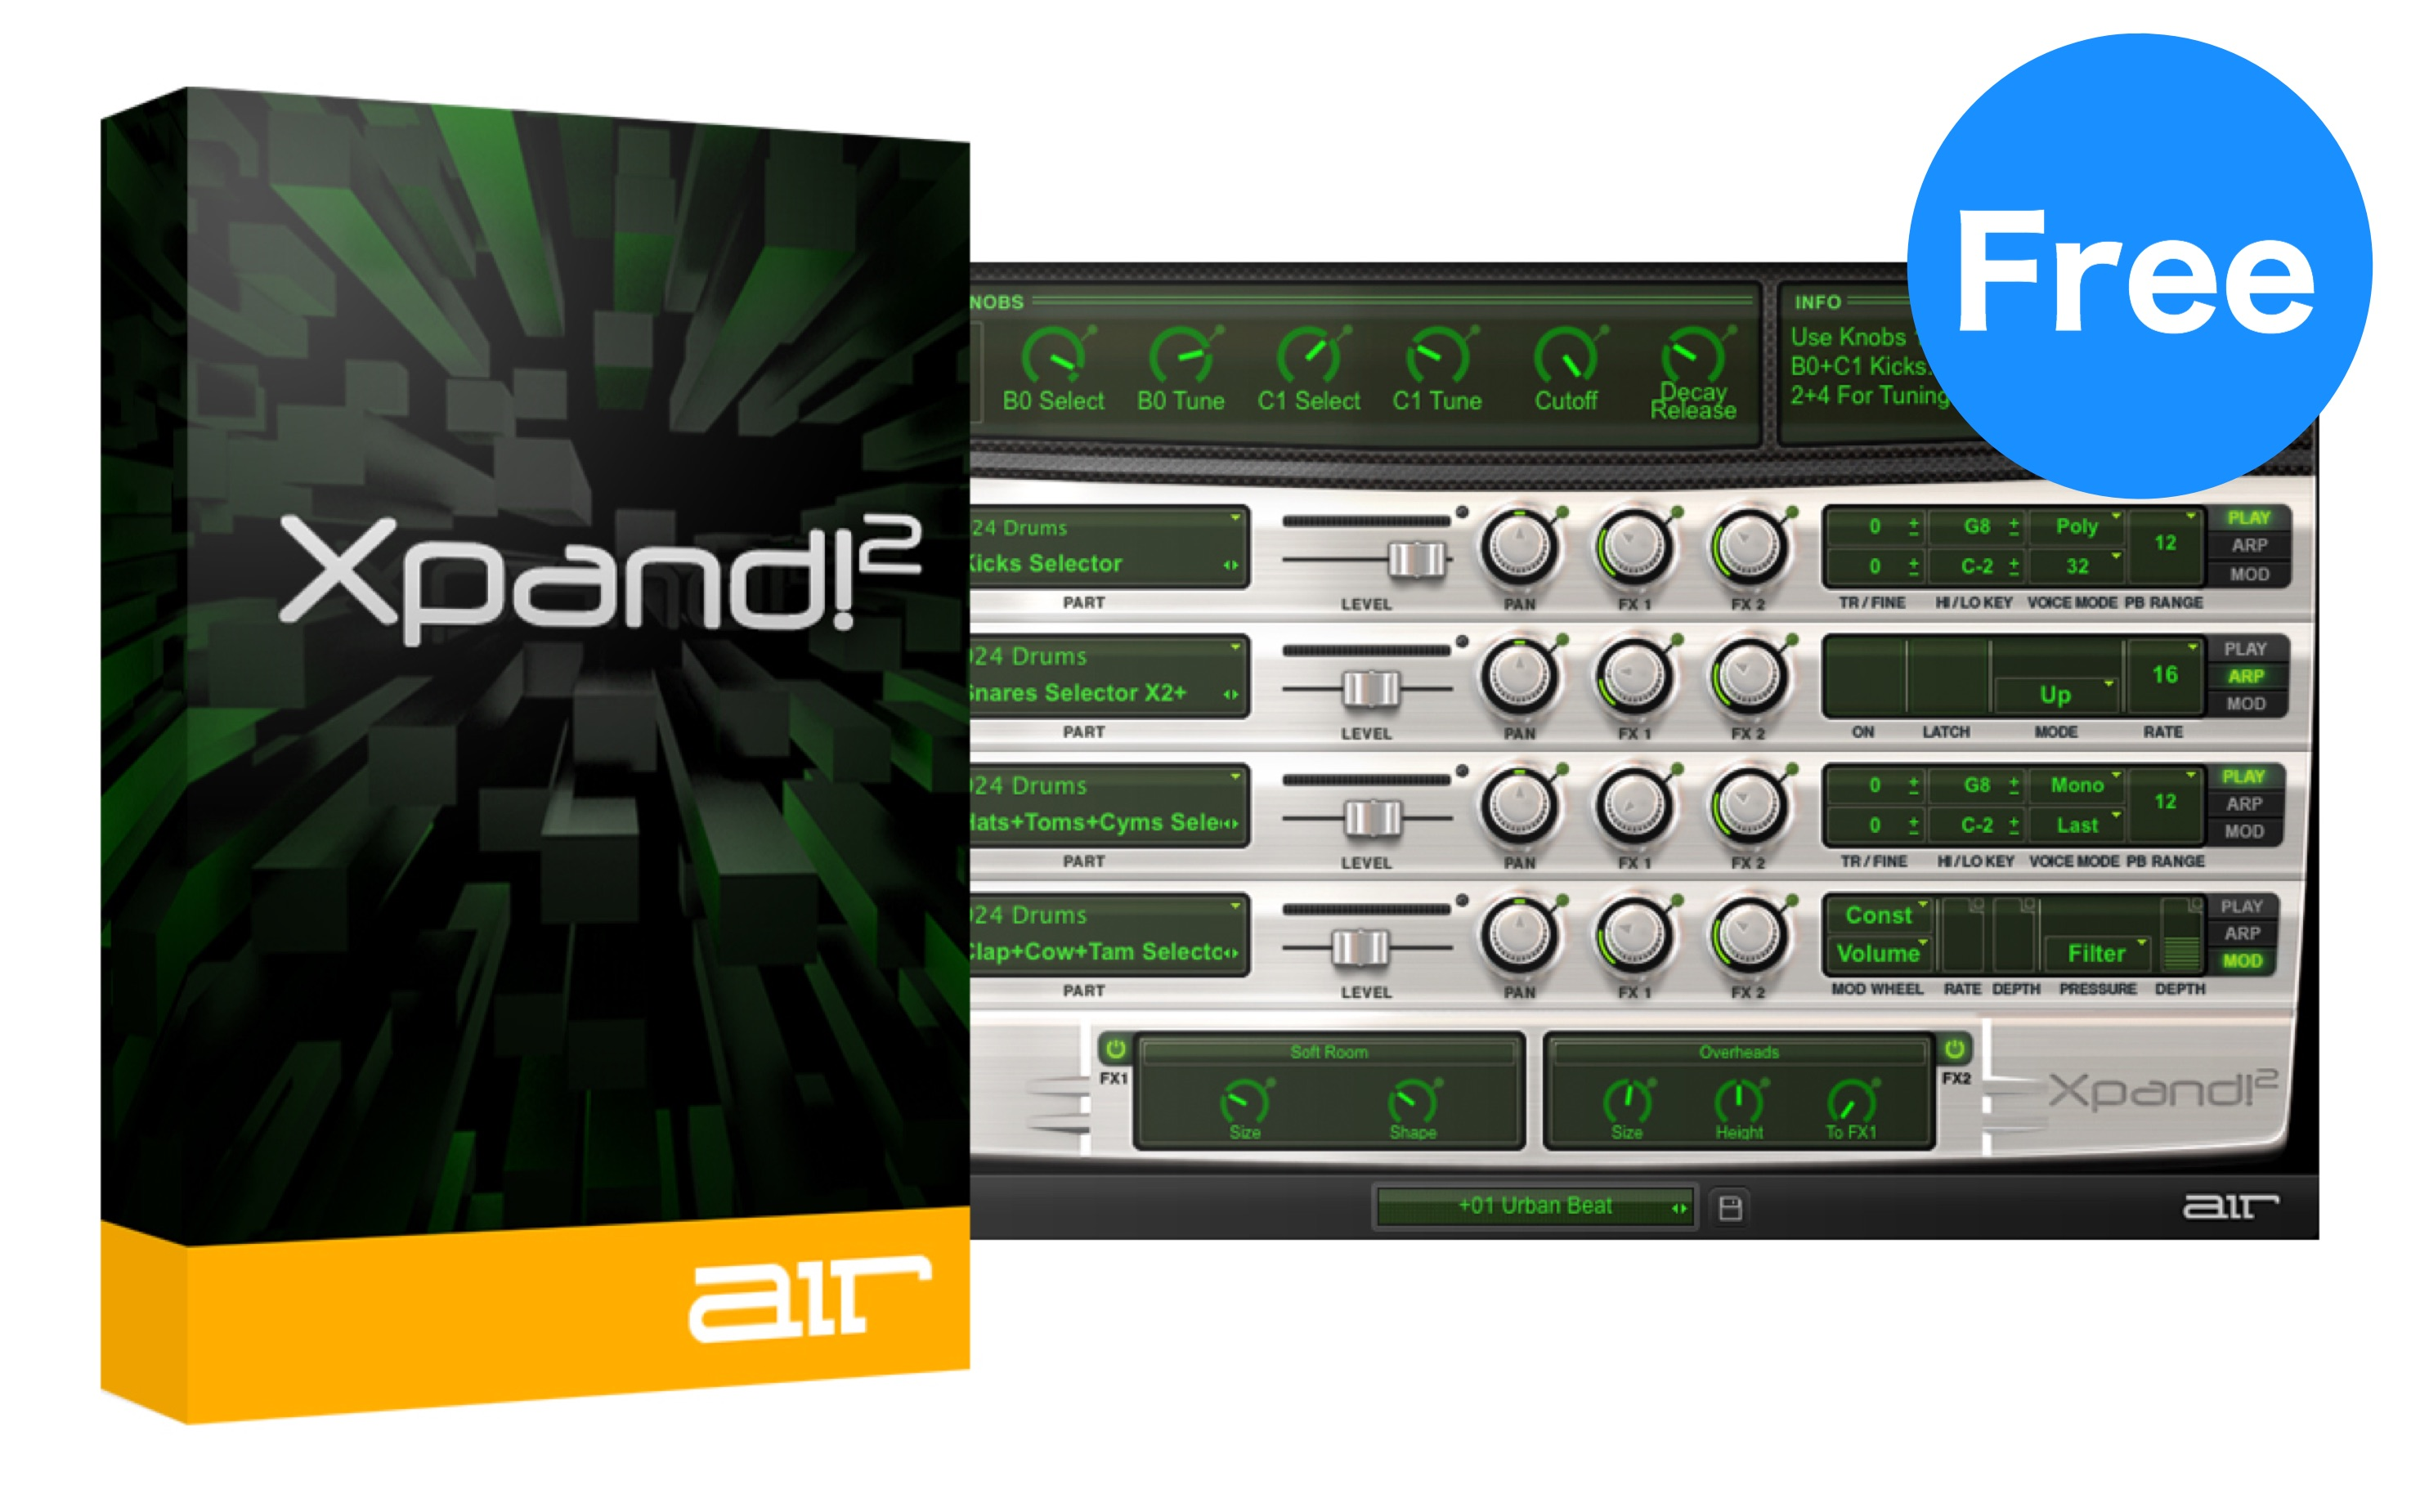 もう入手した?通常価格1万円のマルチ音源「Xpand!2」を無料でGetする方法